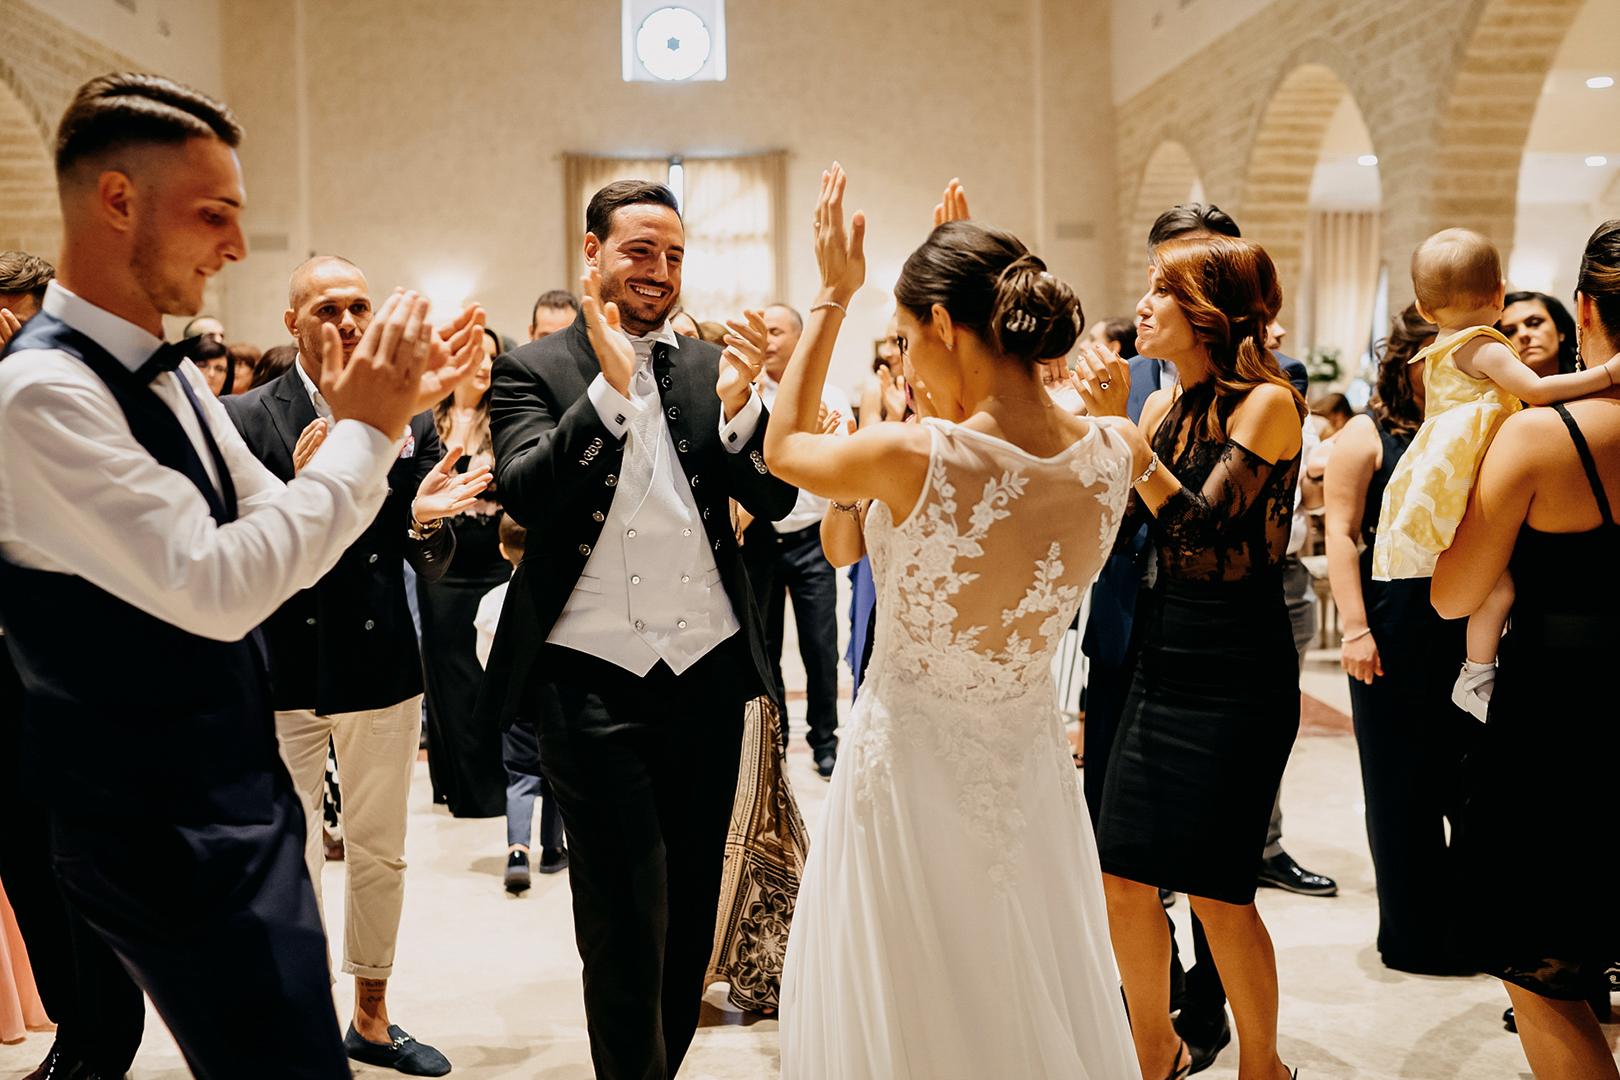 48 gianni-lepore-balli-sposi-festa